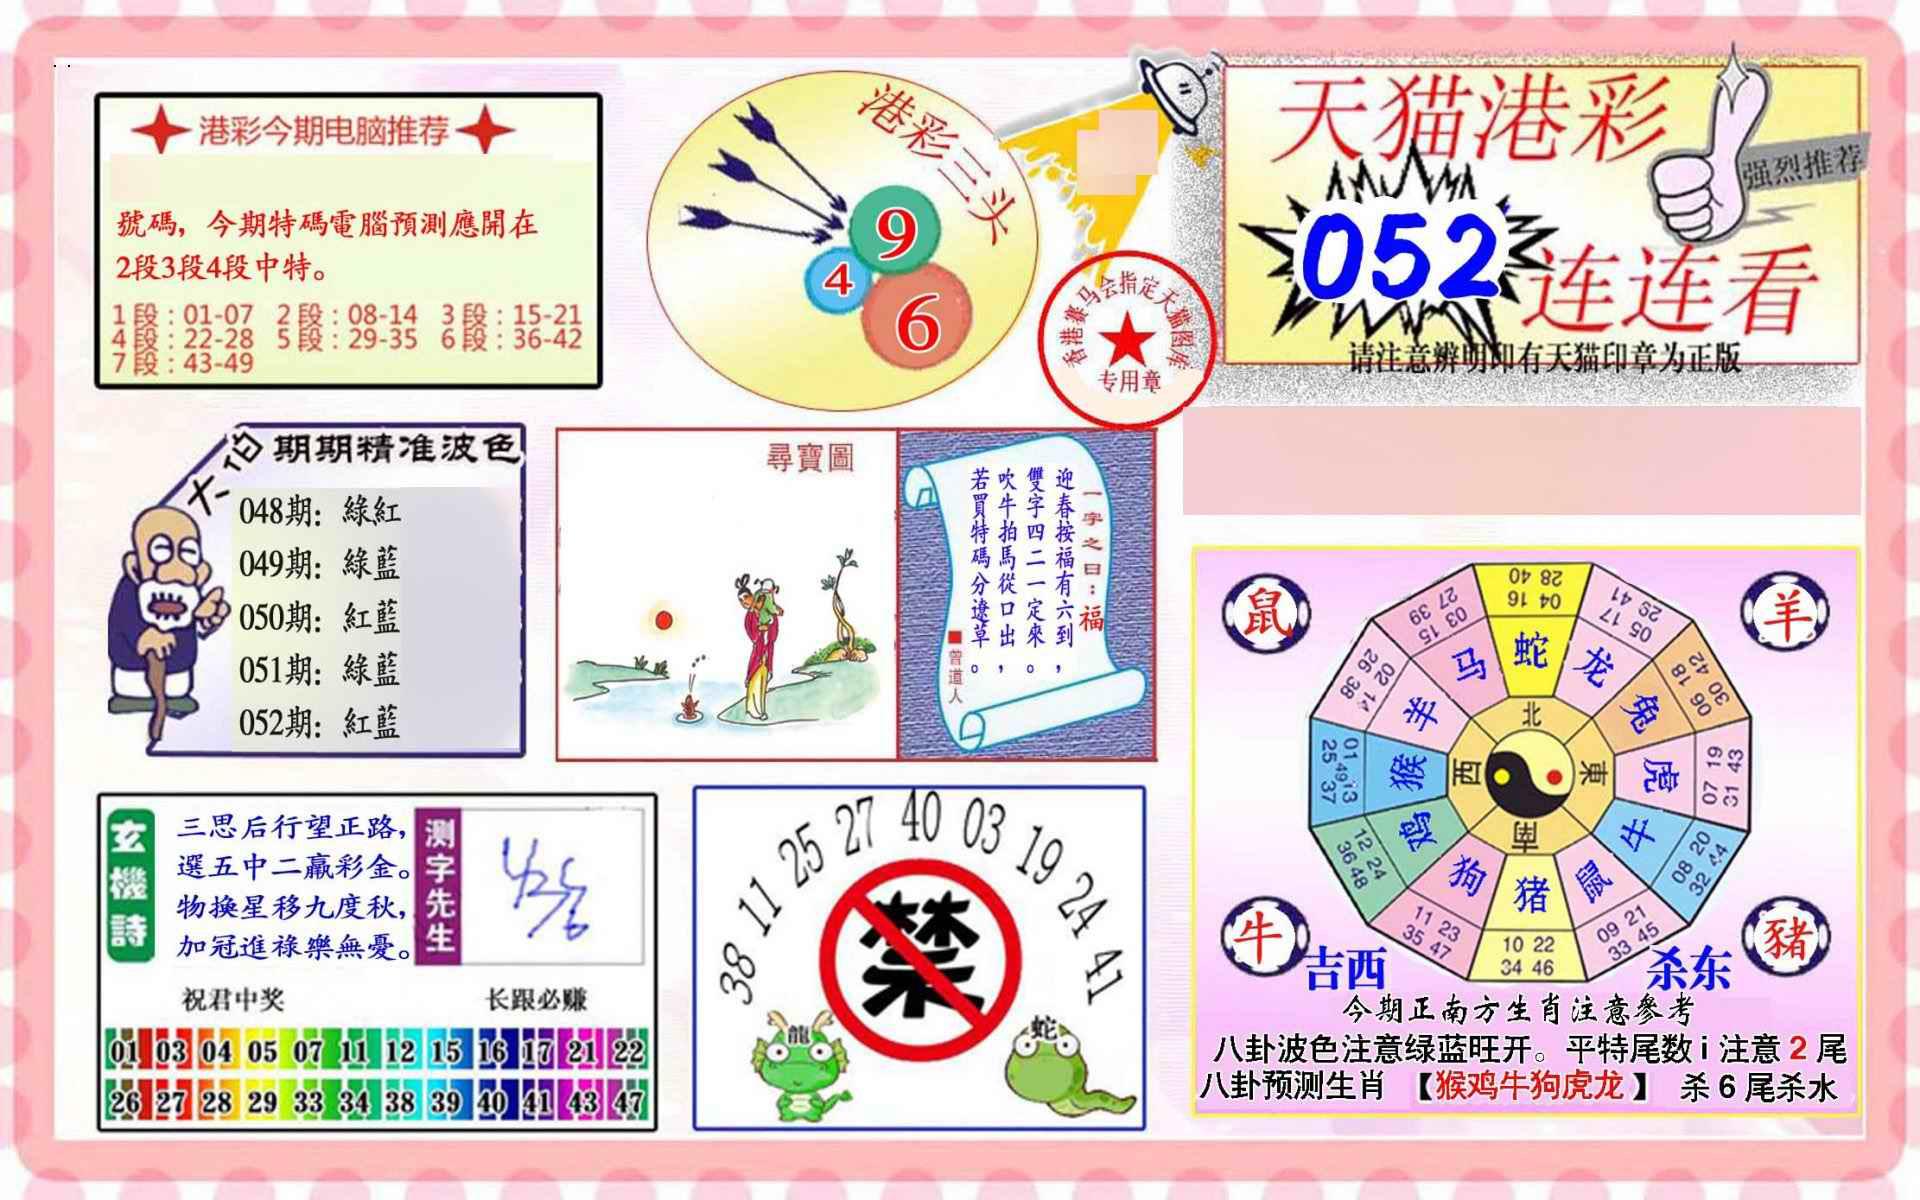 052期港彩连连中